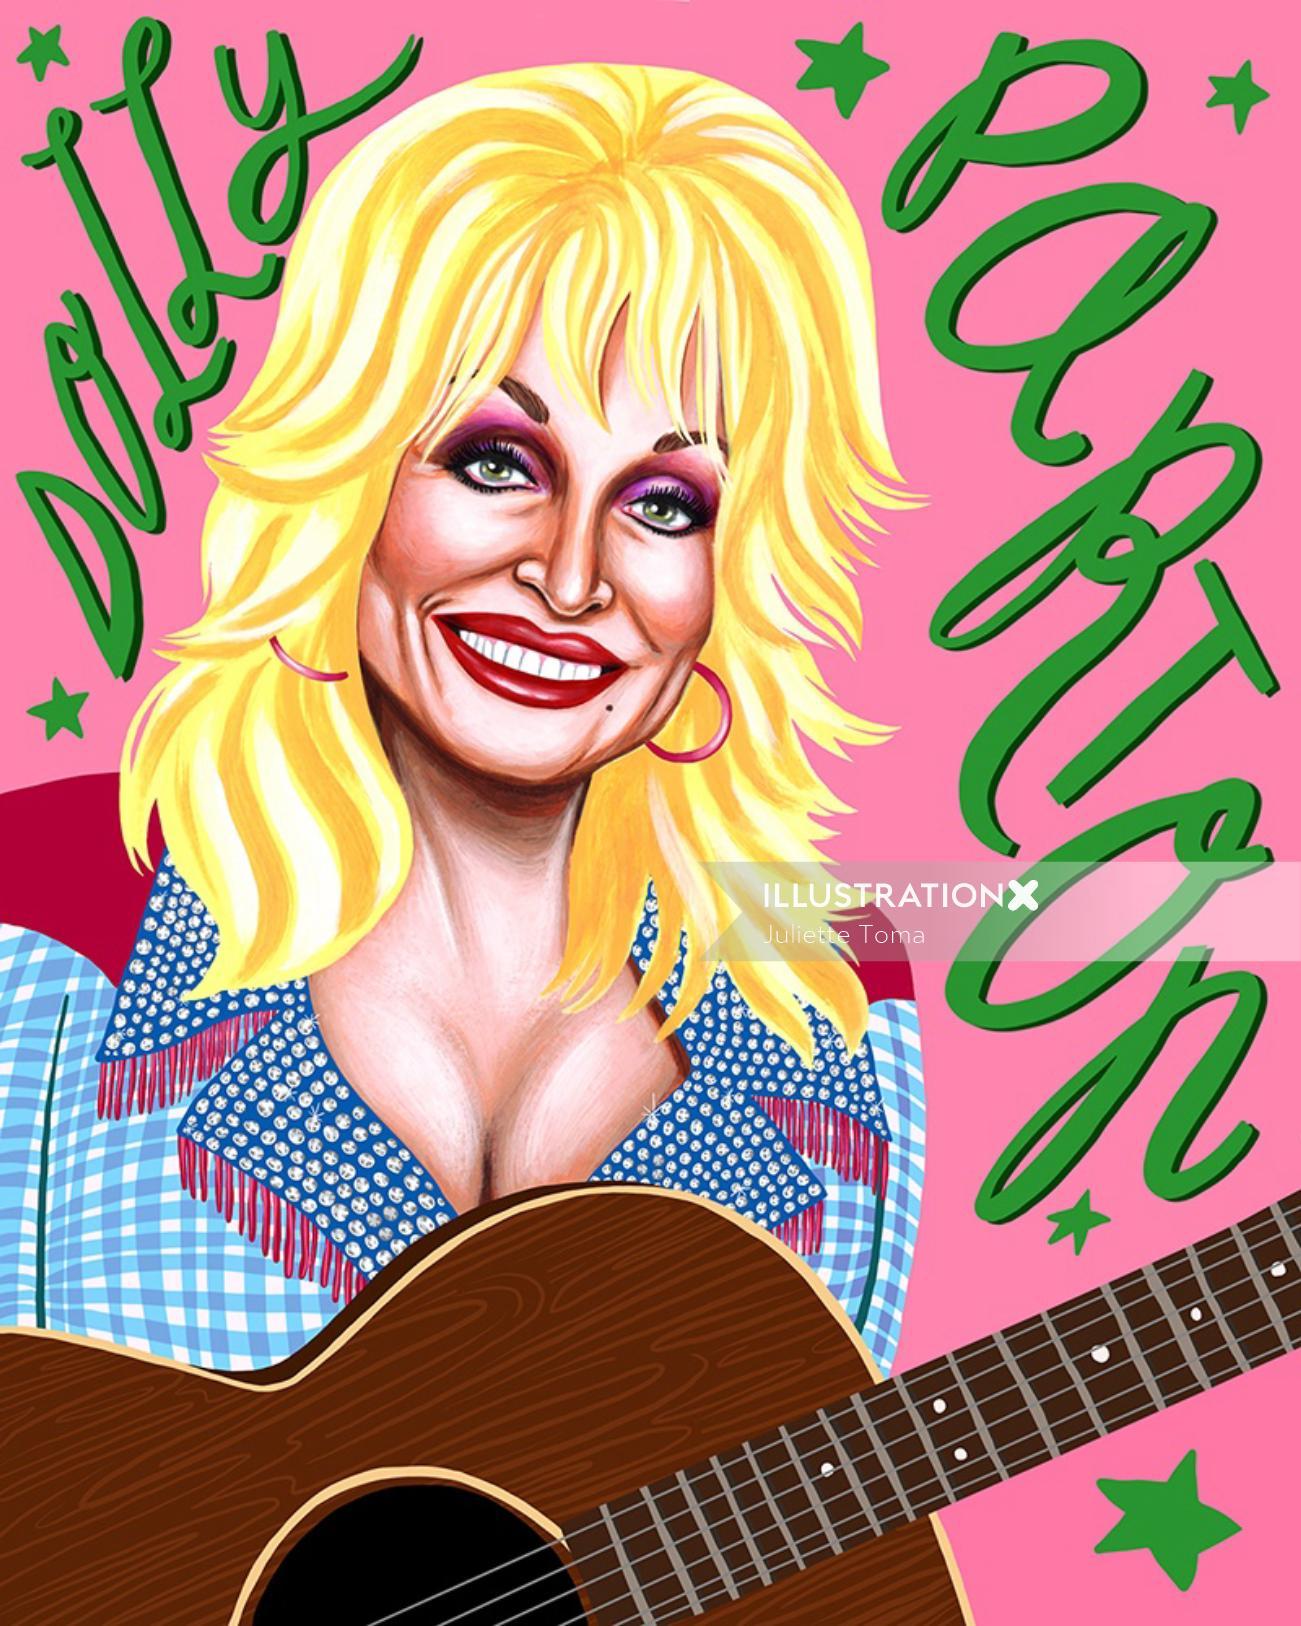 Dolly Parton portrait art